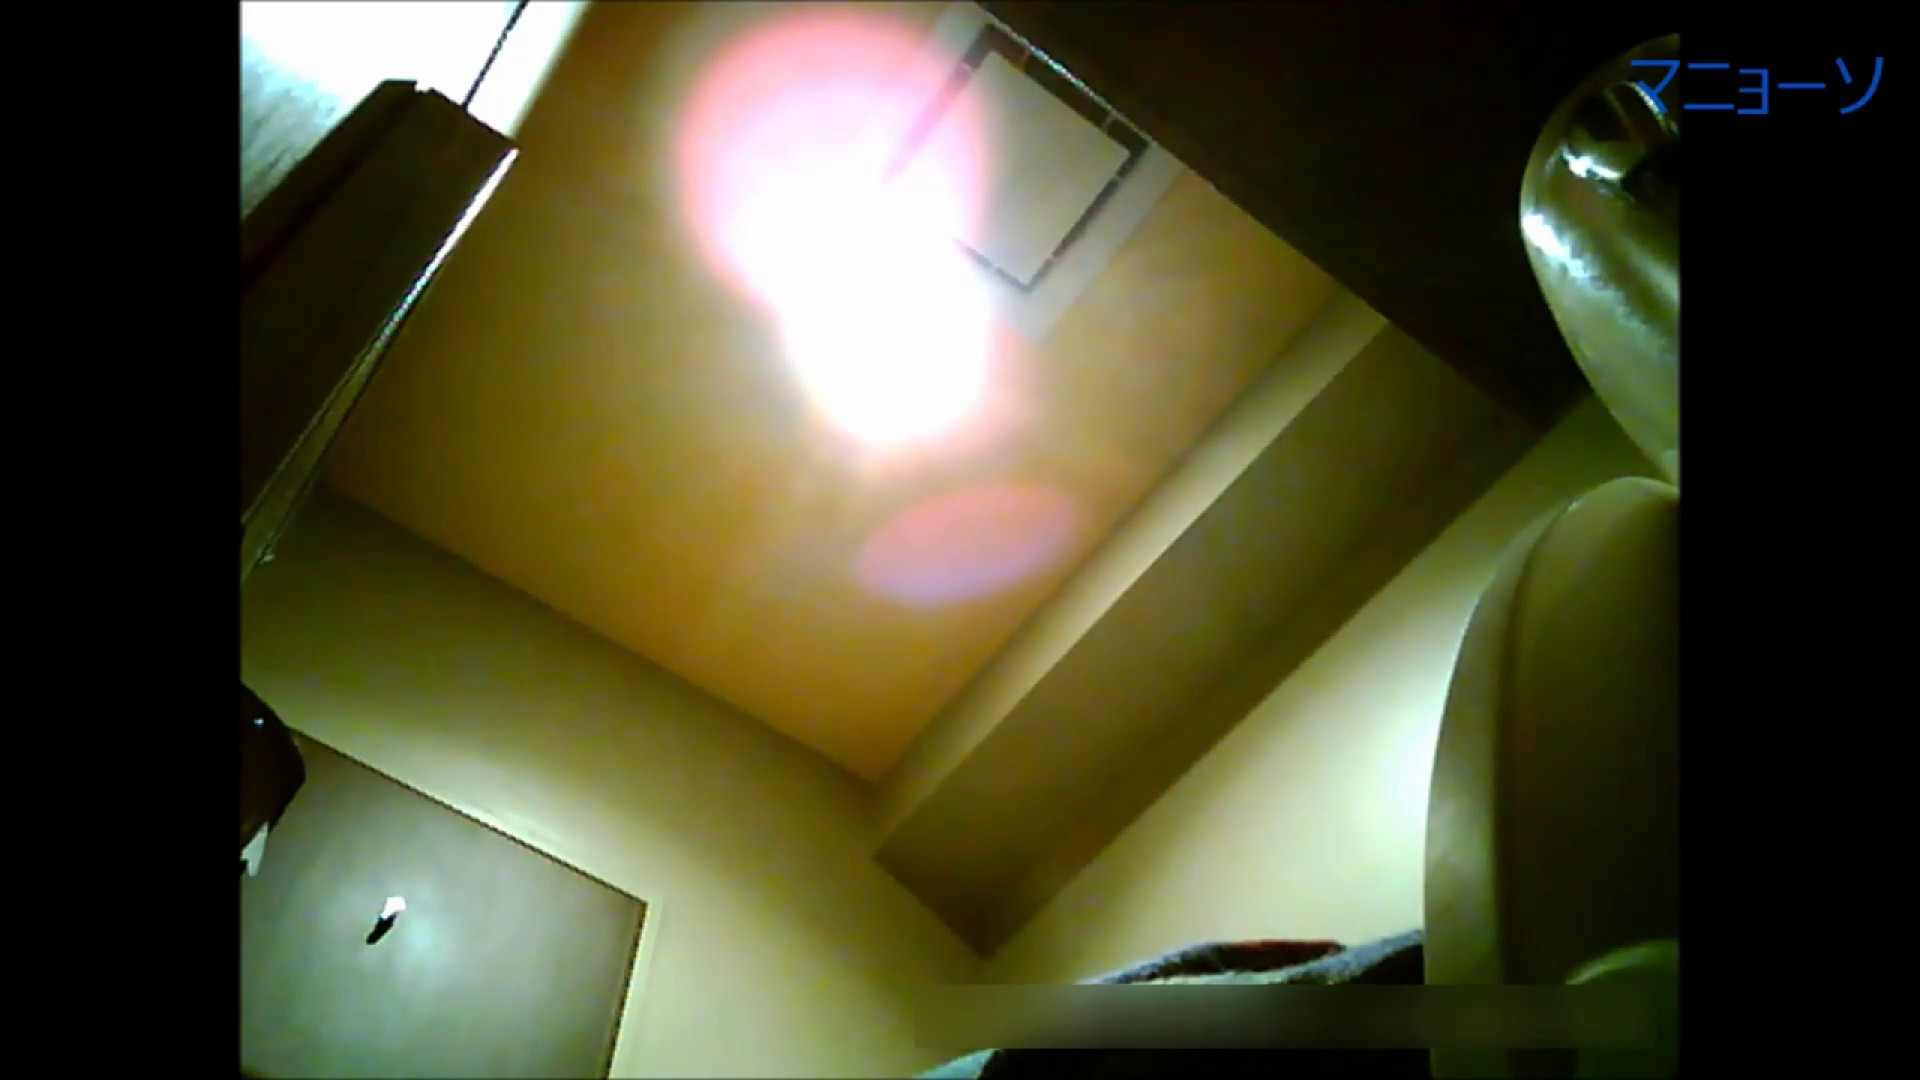 トイレでひと肌脱いでもらいました (JD編)Vol.02 トイレ中の女子達 | エッチすぎるOL達  106連発 39